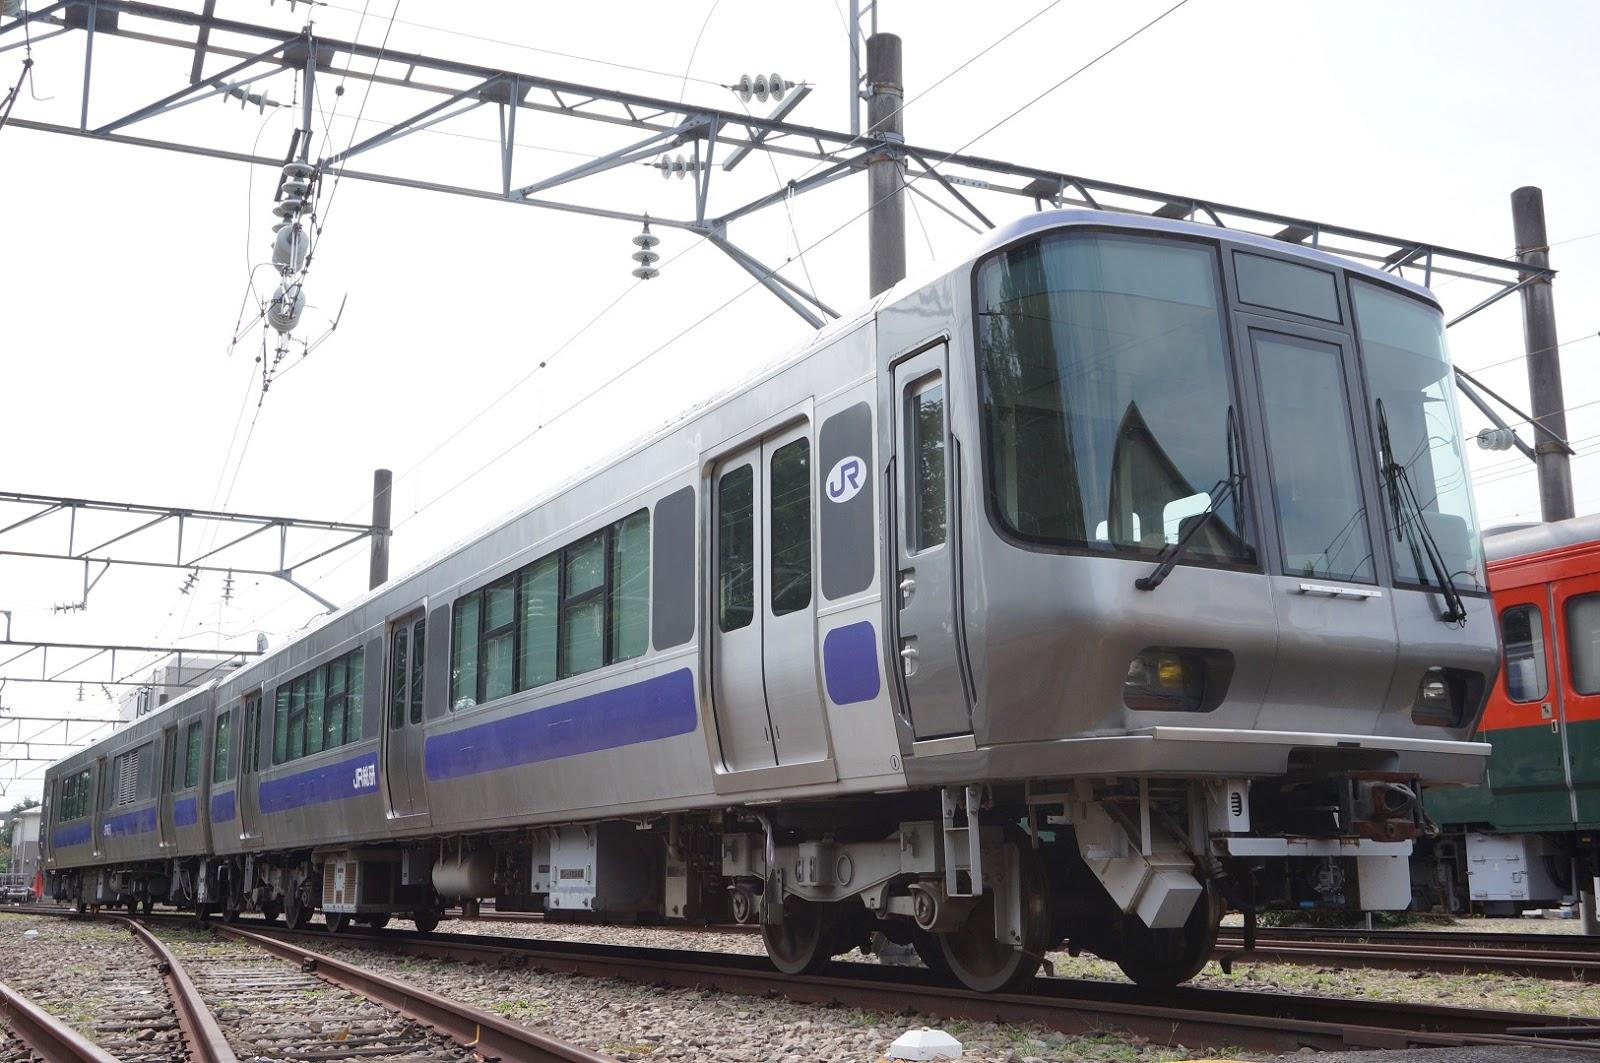 展示されていたR291構内用試験電車